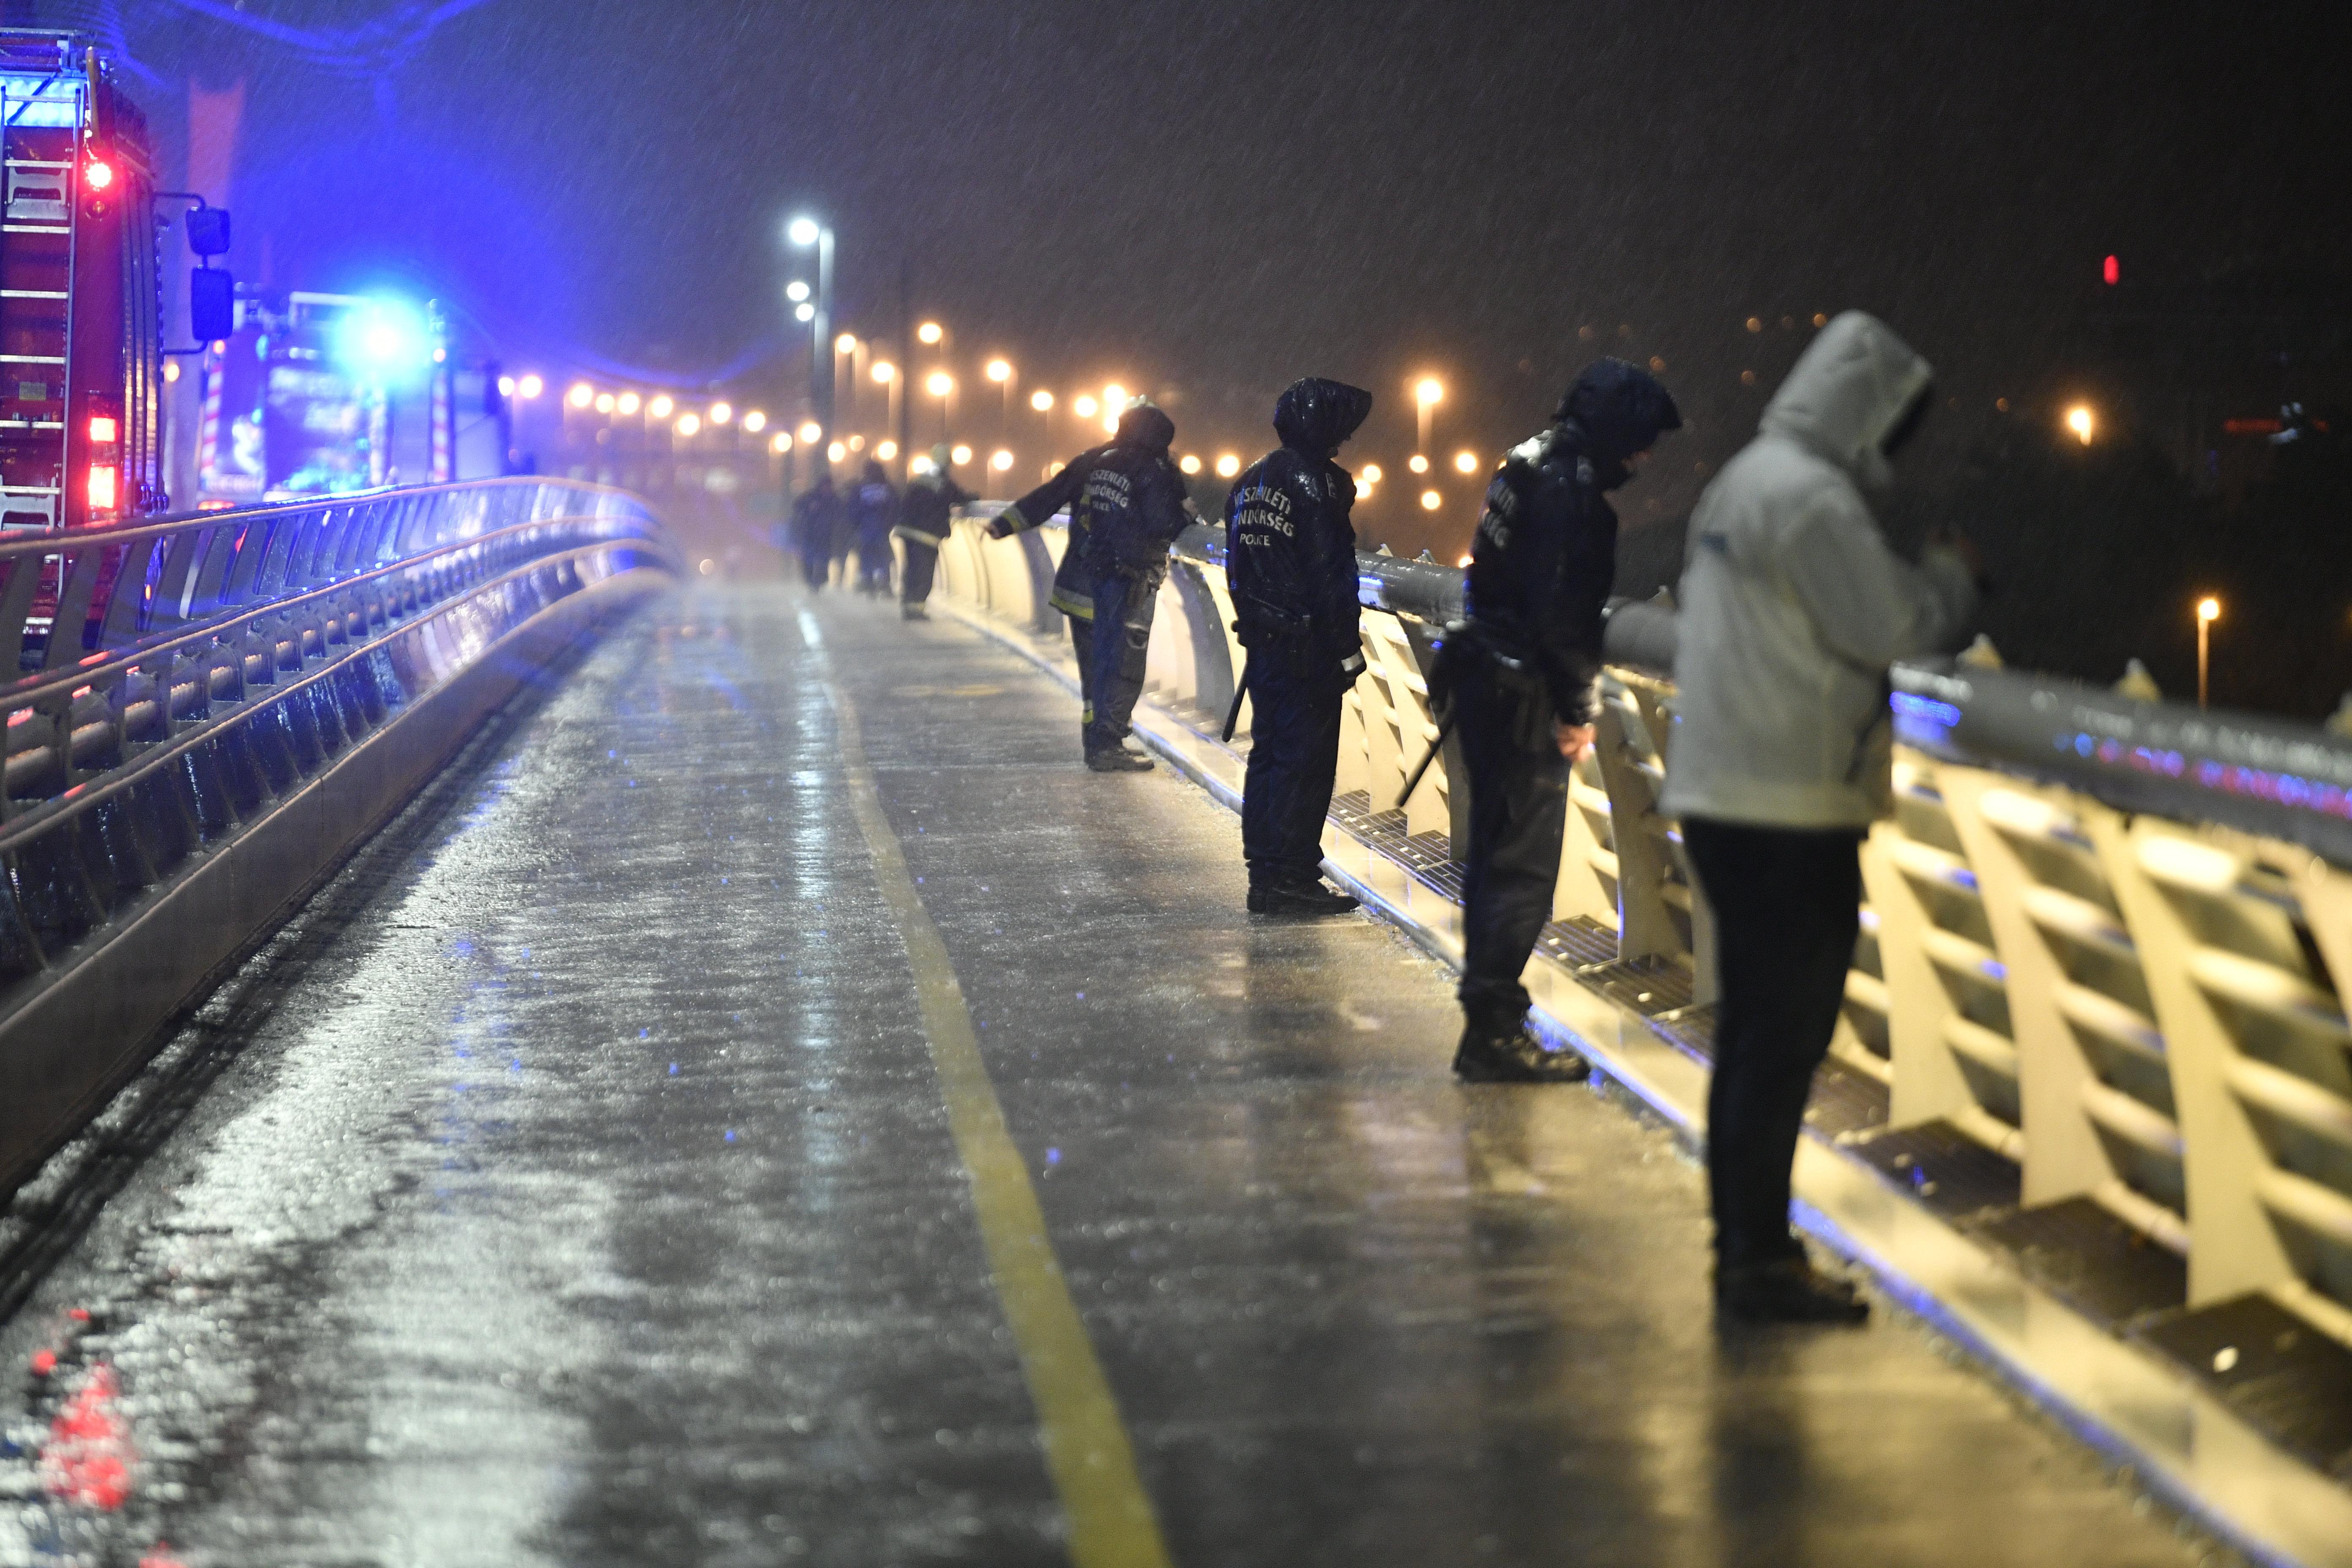 465b8c58d2 Összeütközött két hajó a Dunán, a Parlamentnél, az egyik elsüllyedt, heten  meghaltak, 21 embert még keresnek